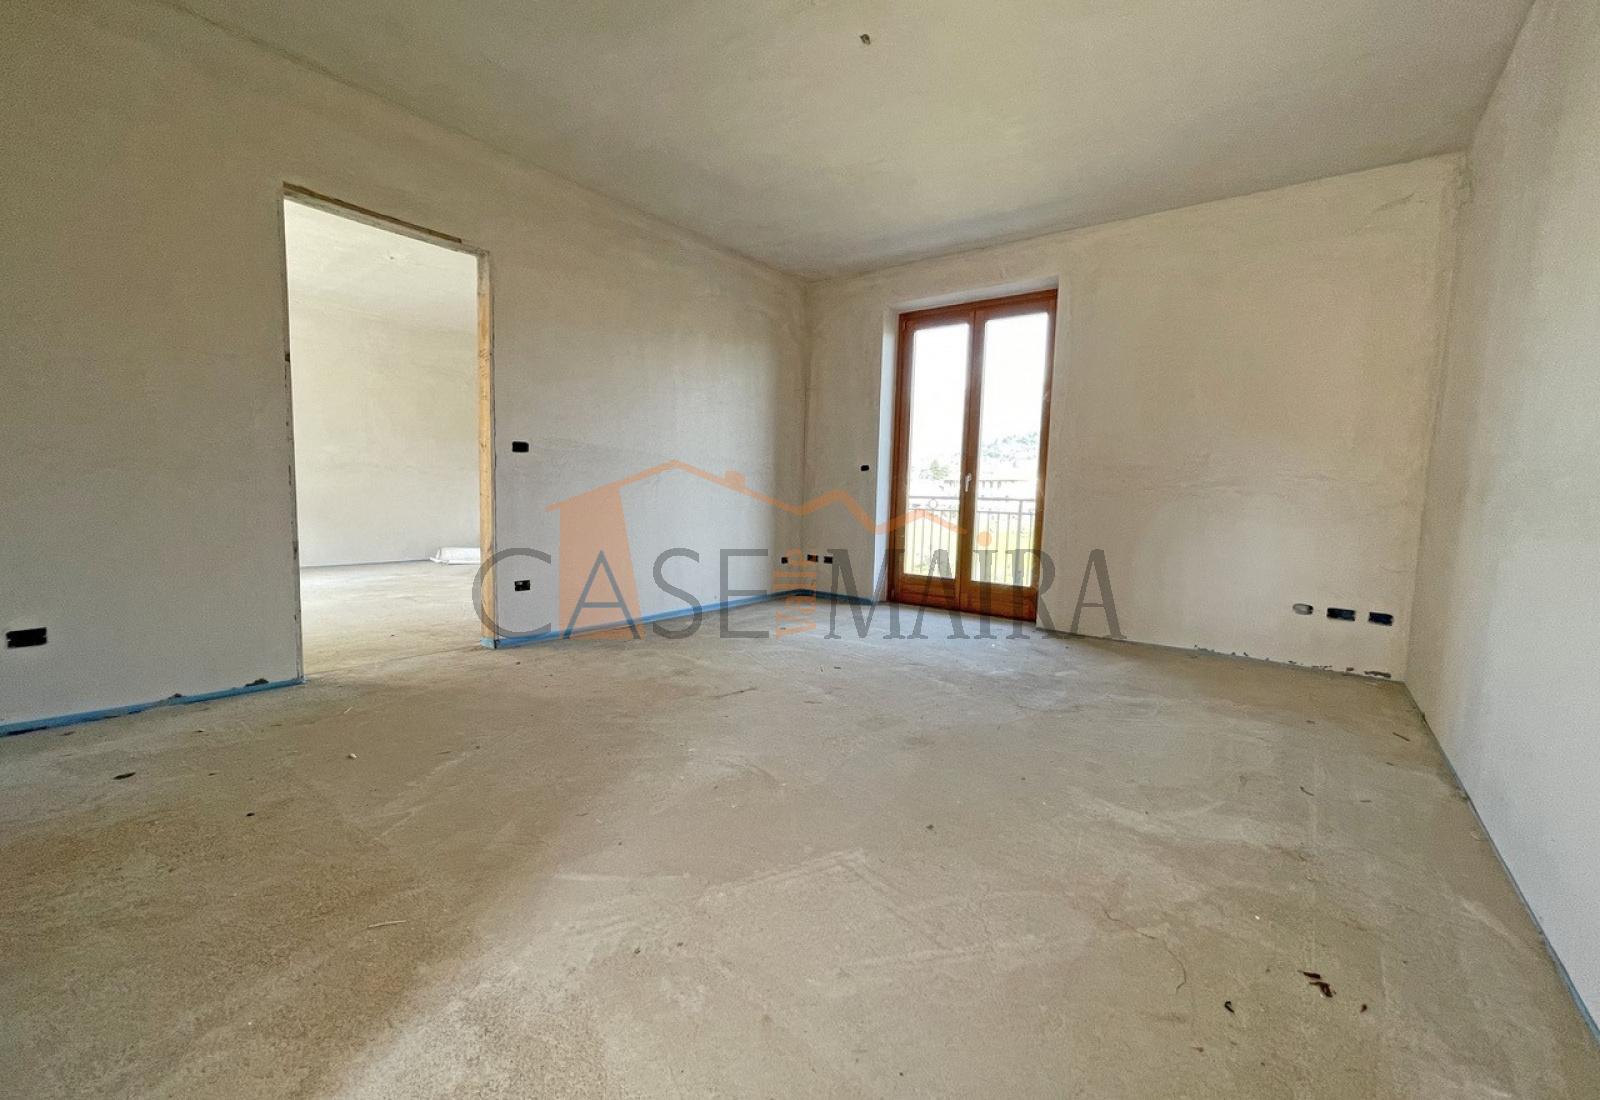 Via Buia, DRONERO, 12025, 2 Stanze da Letto Stanze da Letto, ,Villetta a schiera,In vendita,Via Buia,1096